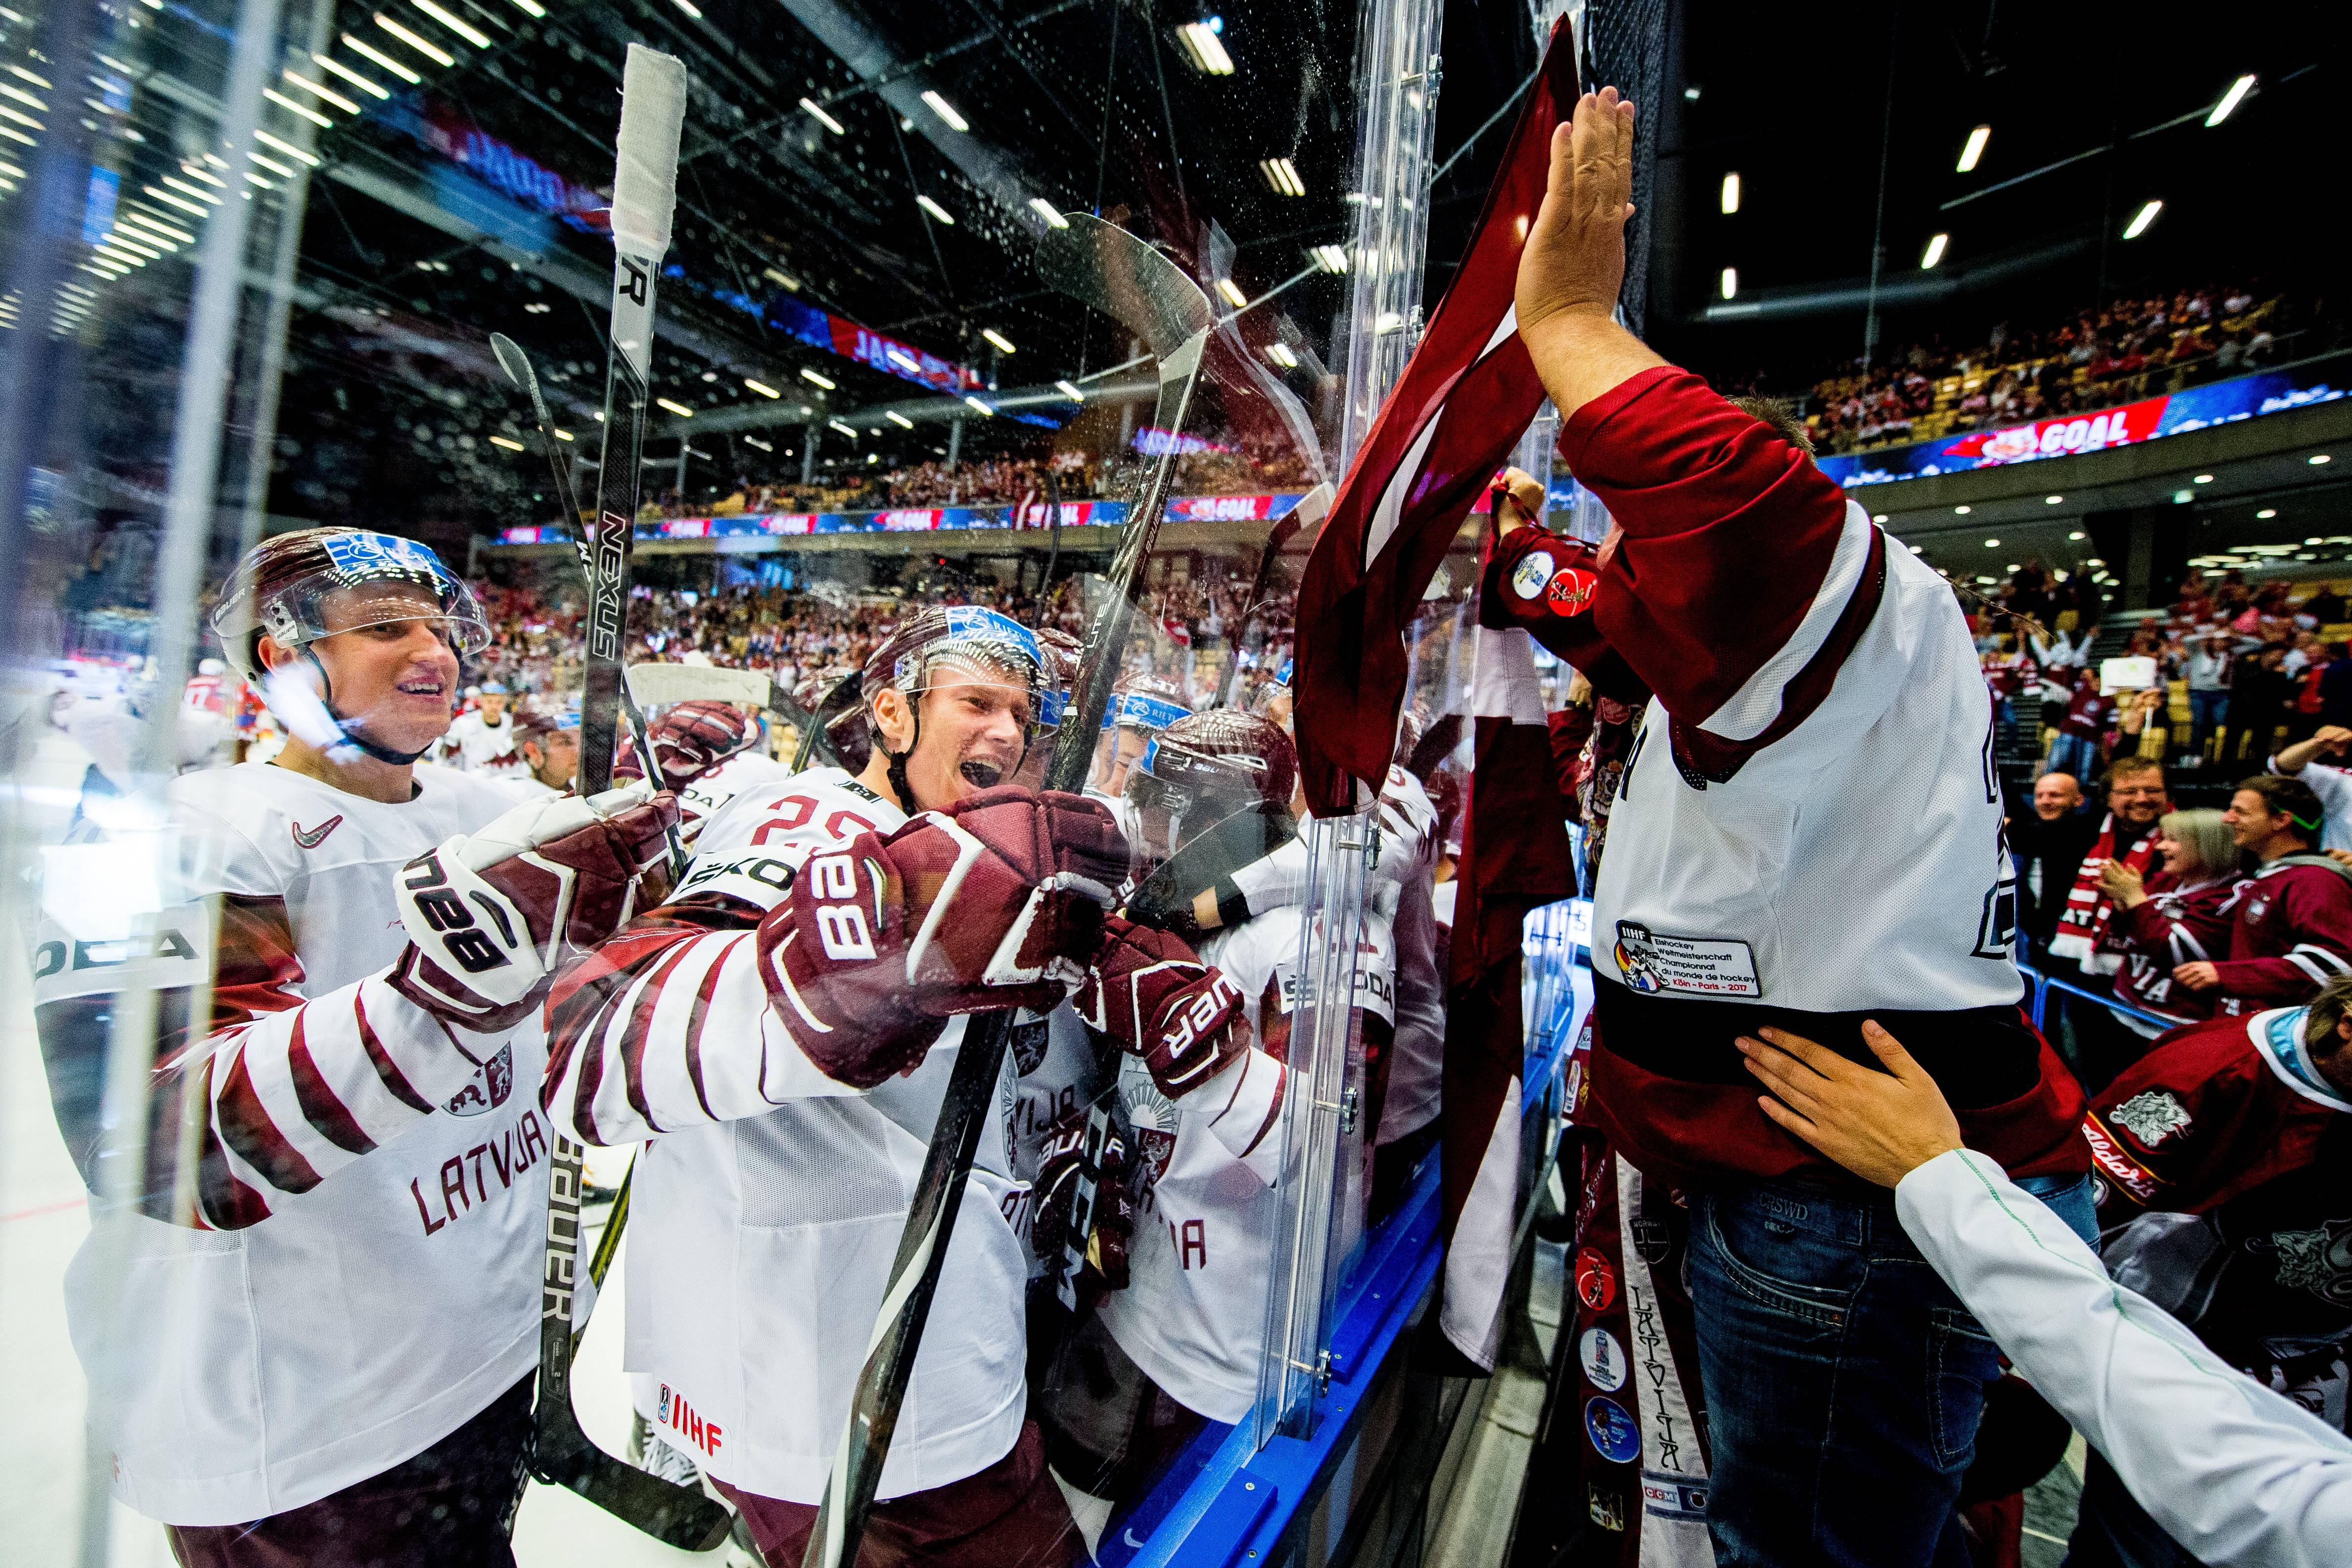 Kalvītis pauž cerību, ka fani jau ceturtdien varētu apmeklēt Latvijas izlases spēli